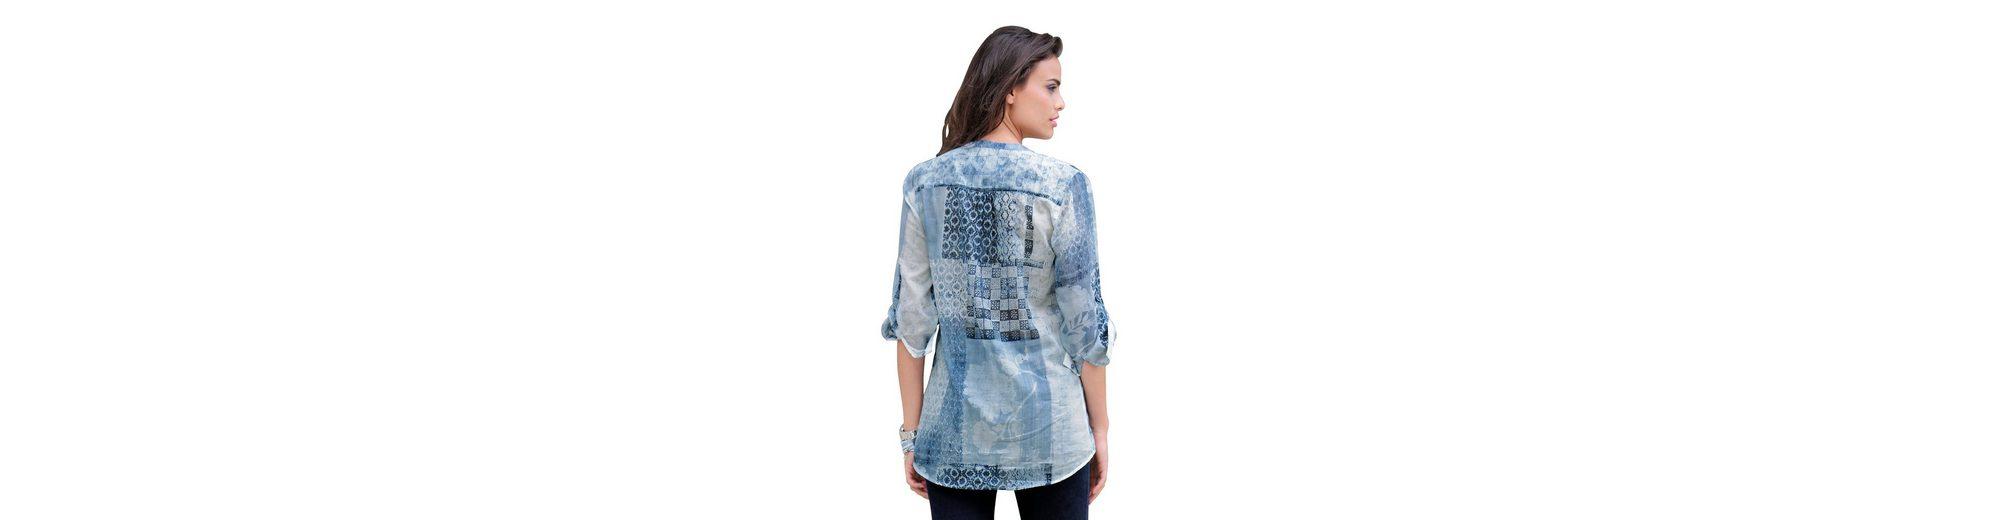 Alba Moda Bluse im Patchdessin Einkaufen Besuchen Neue Online xvbpLrjib